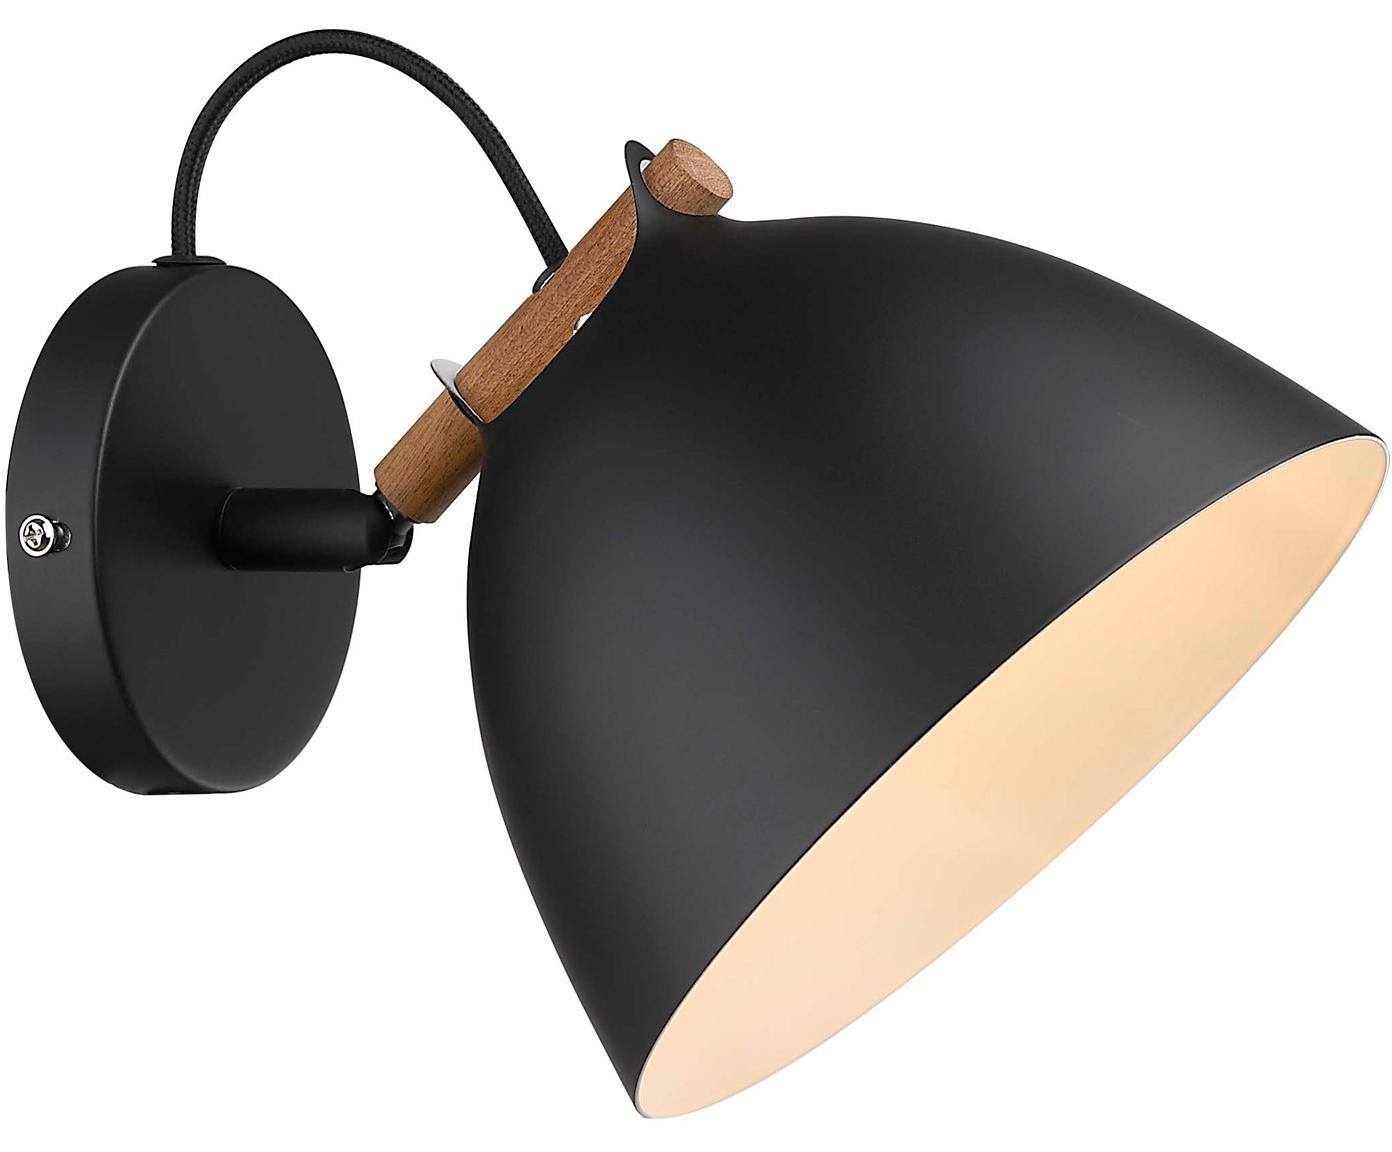 Wandlamp Århus, Gecoat metaal, hout, Zwart, houtkleurig, 18 x 14 cm